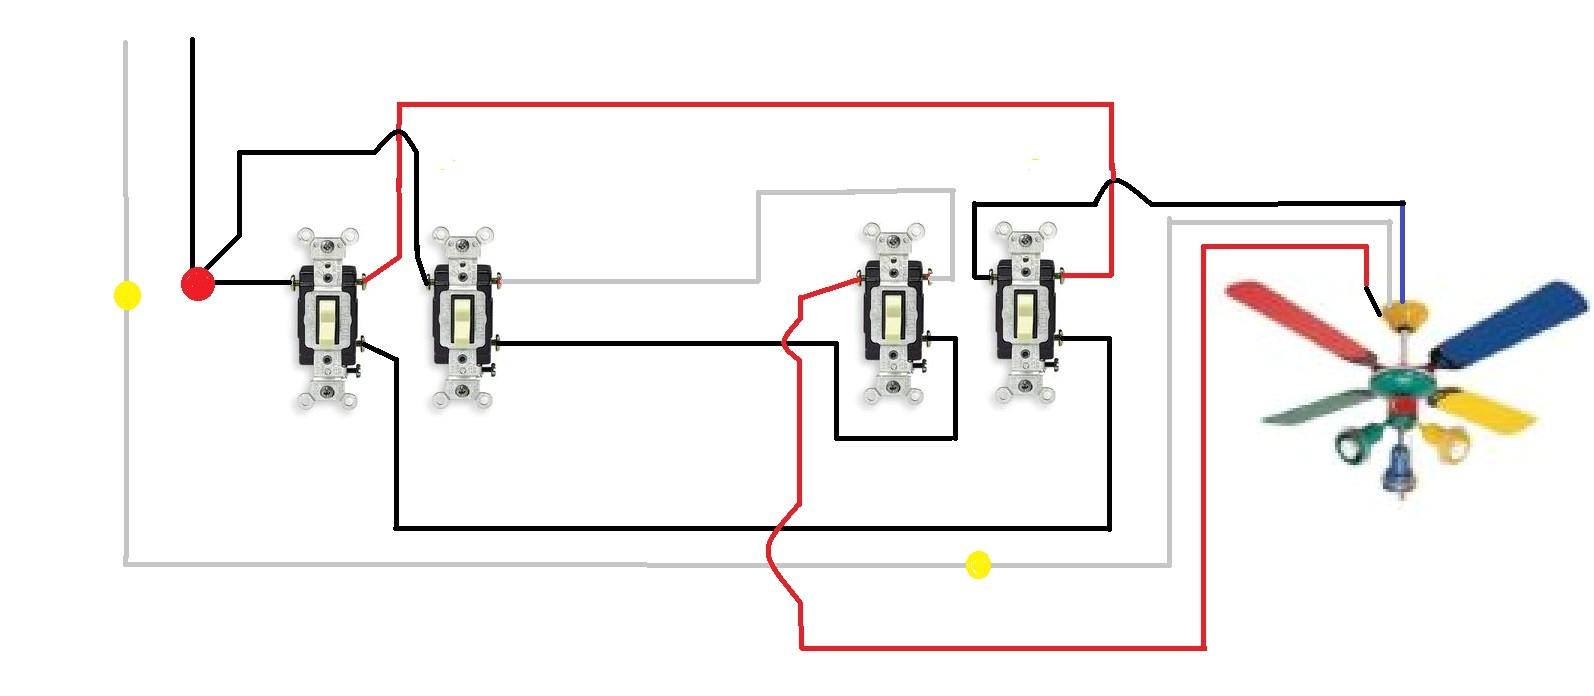 3 way switch fan light diagram wiring diagram for you westinghouse 3 way fan light switch wiring diagram westinghouse fan switch wiring diagram